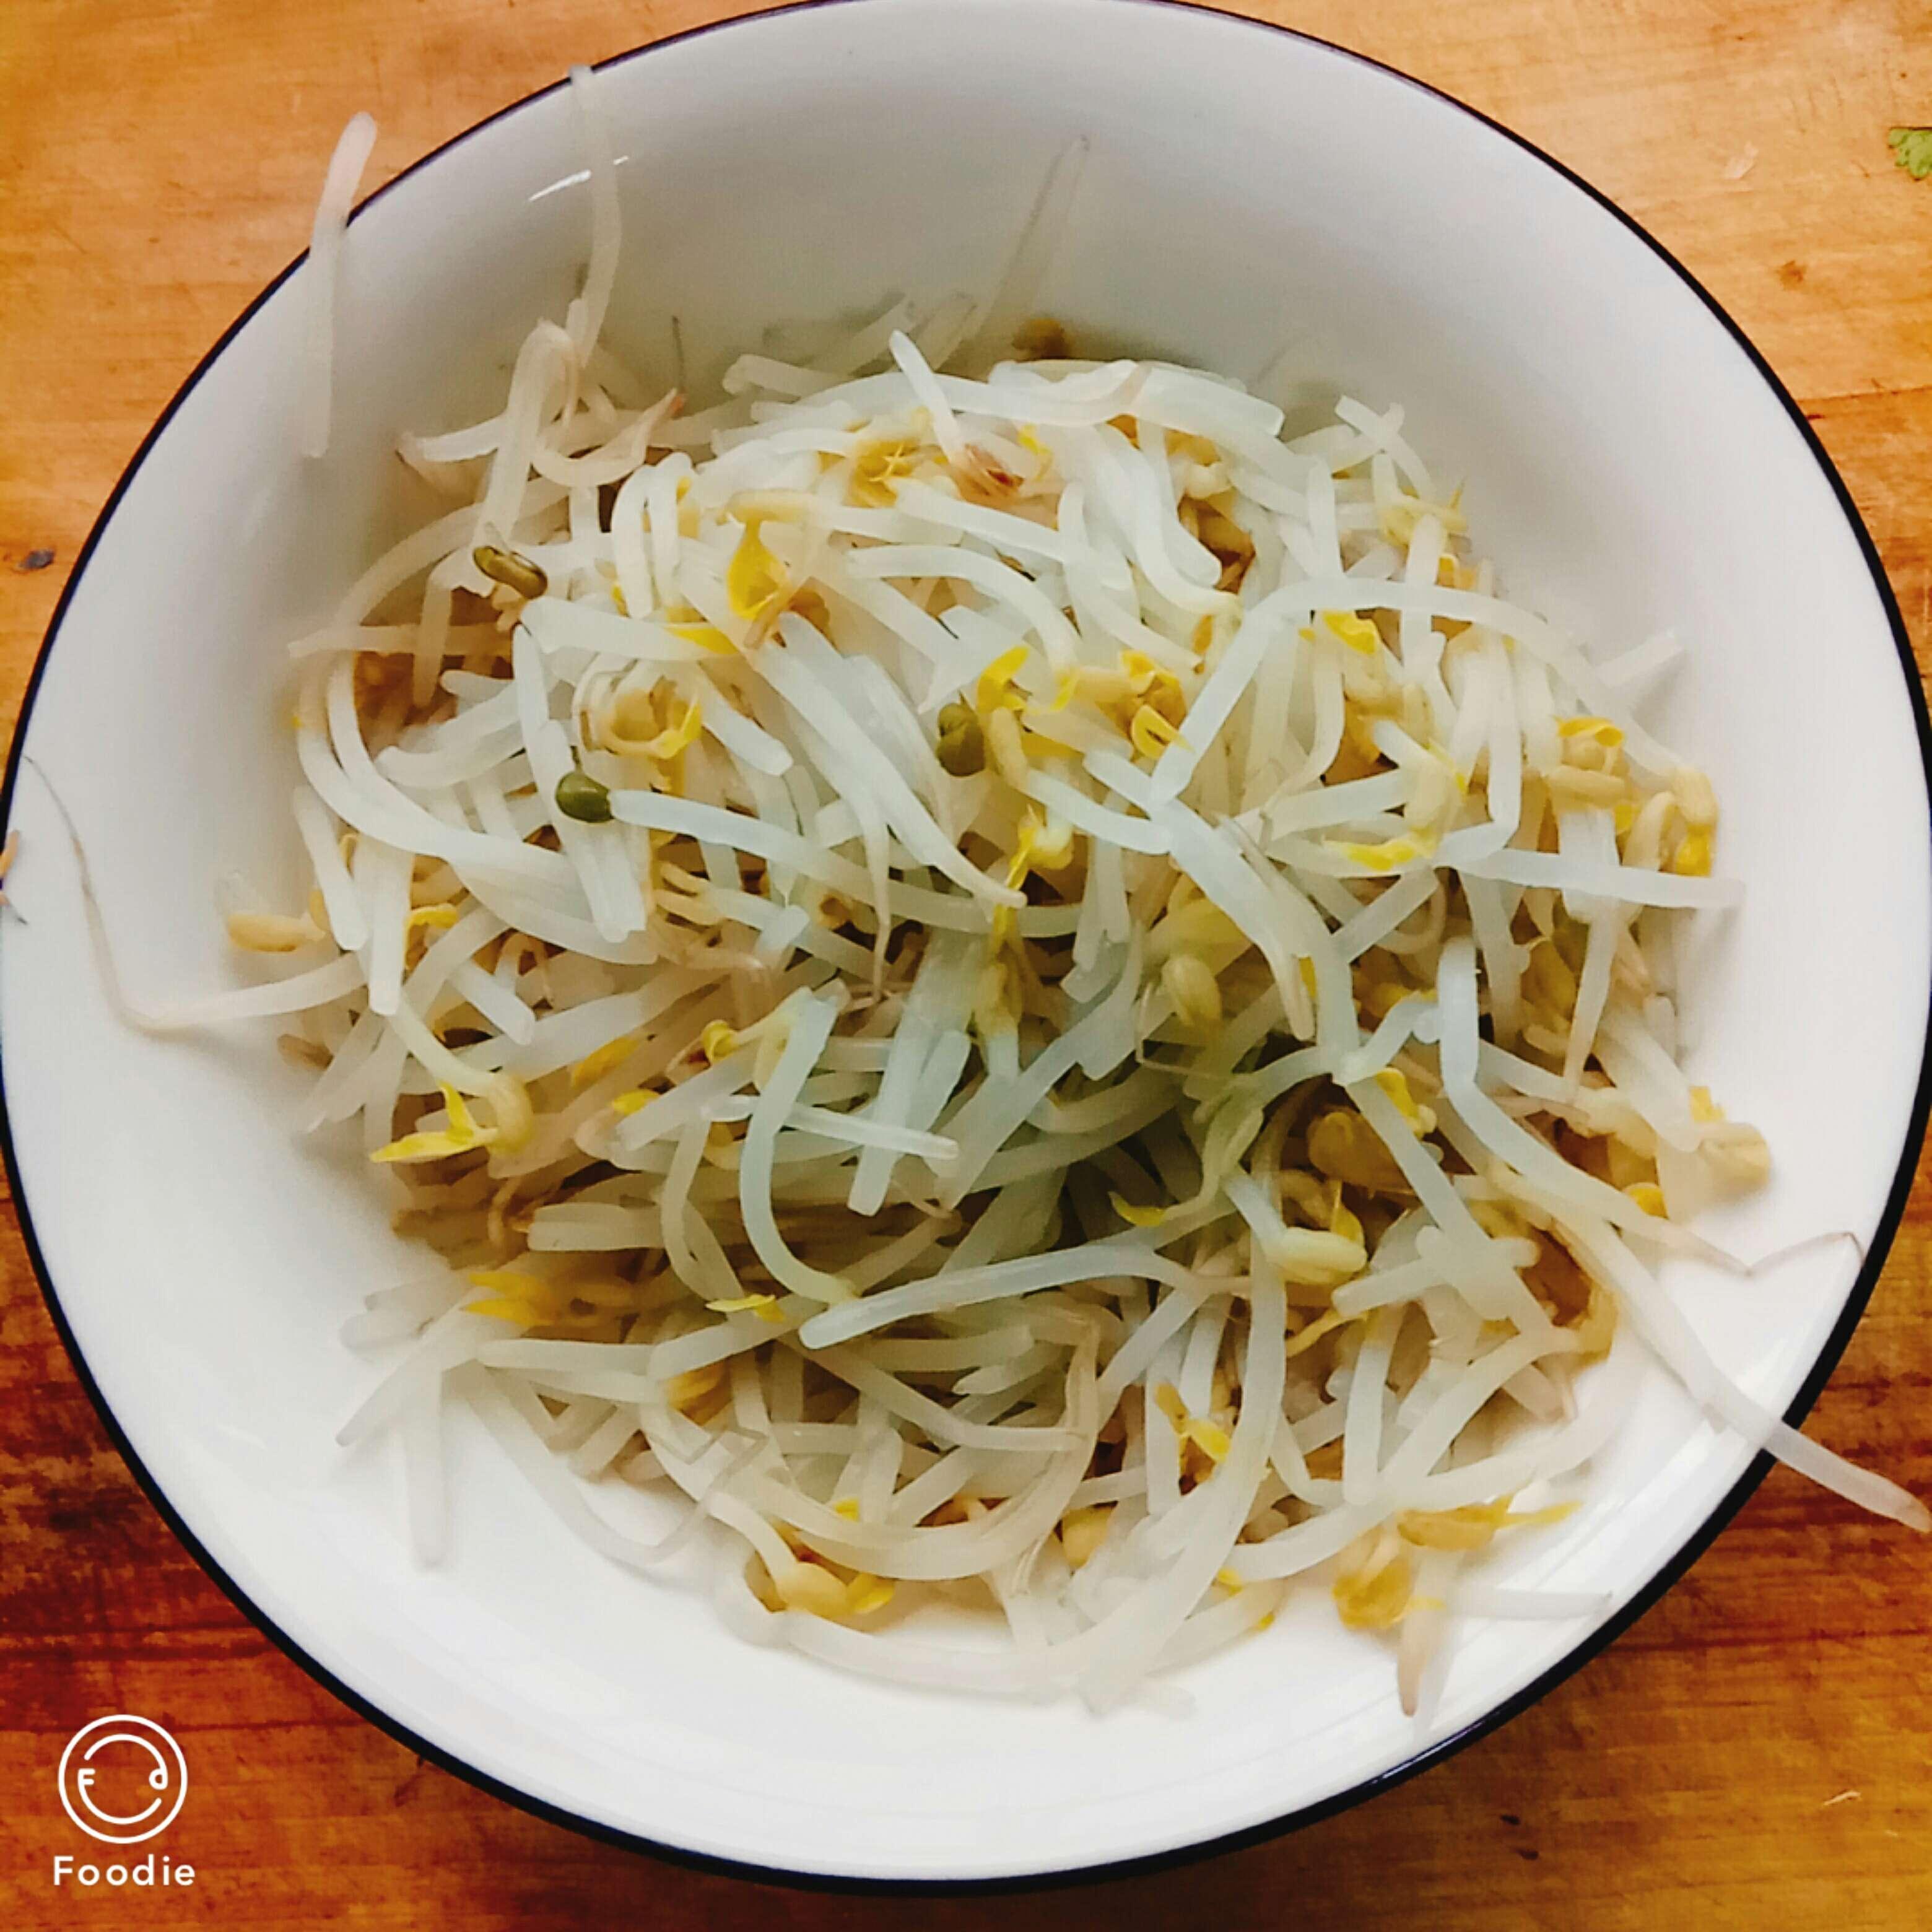 绿豆芽拌粉丝怎么吃